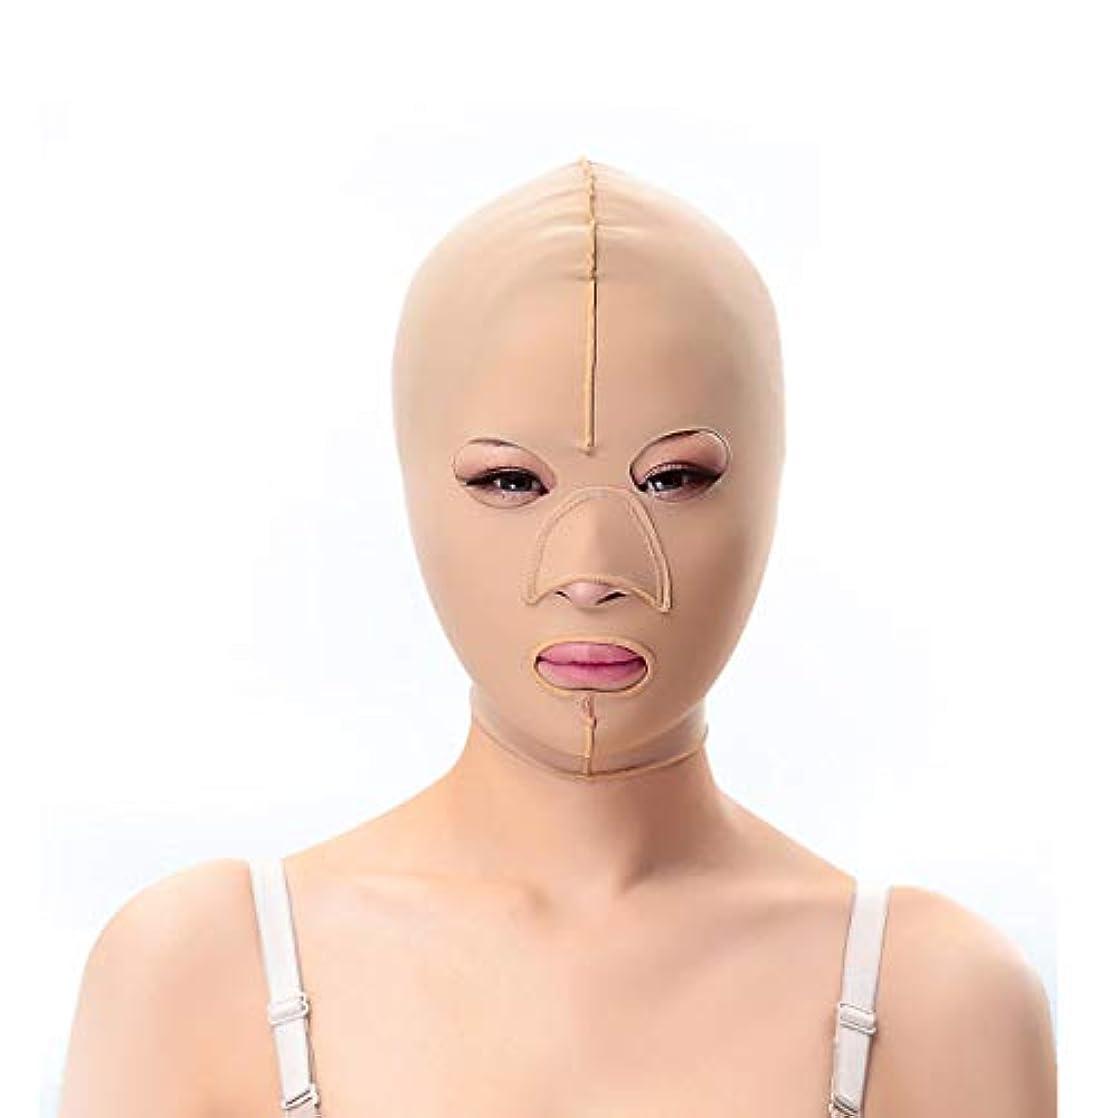 自治的フライト弾丸痩身ベルト、フェイシャルマスク薄いフェイスマスクを脇に持ち上げる二重あご引き締め顔面プラスチックフェイスアーティファクト強力なフェイス包帯 (Size : S)